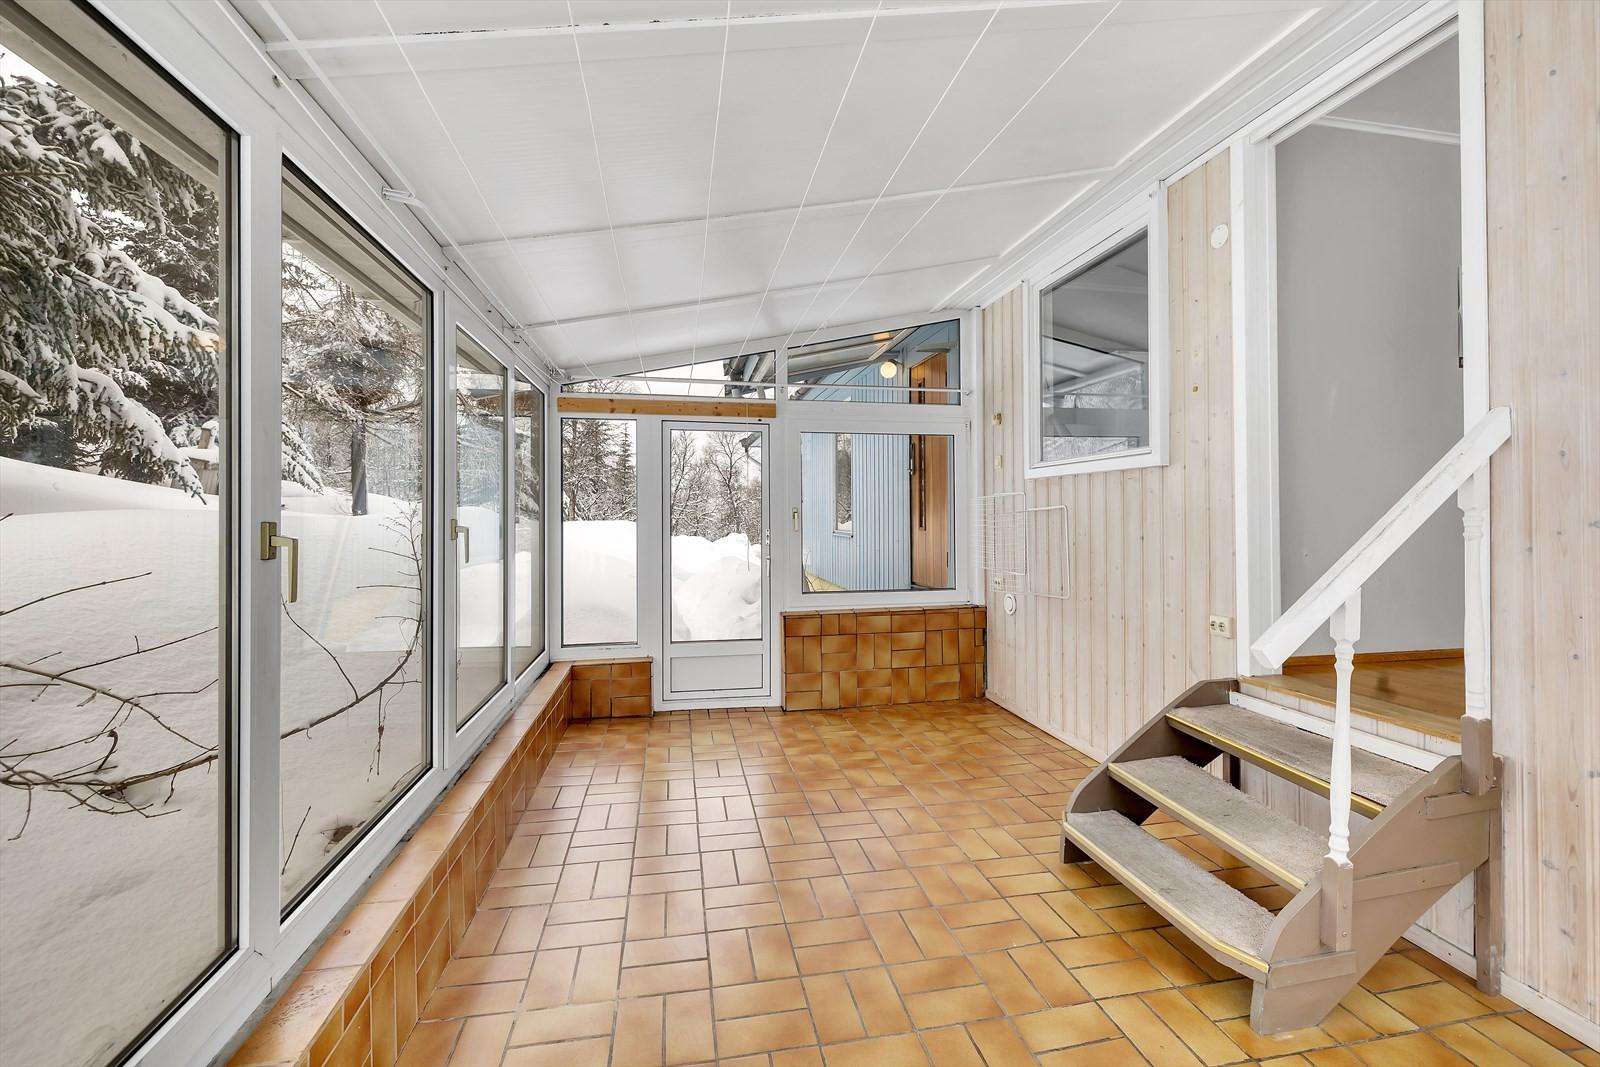 Isolert vinterhage med gulvvarme